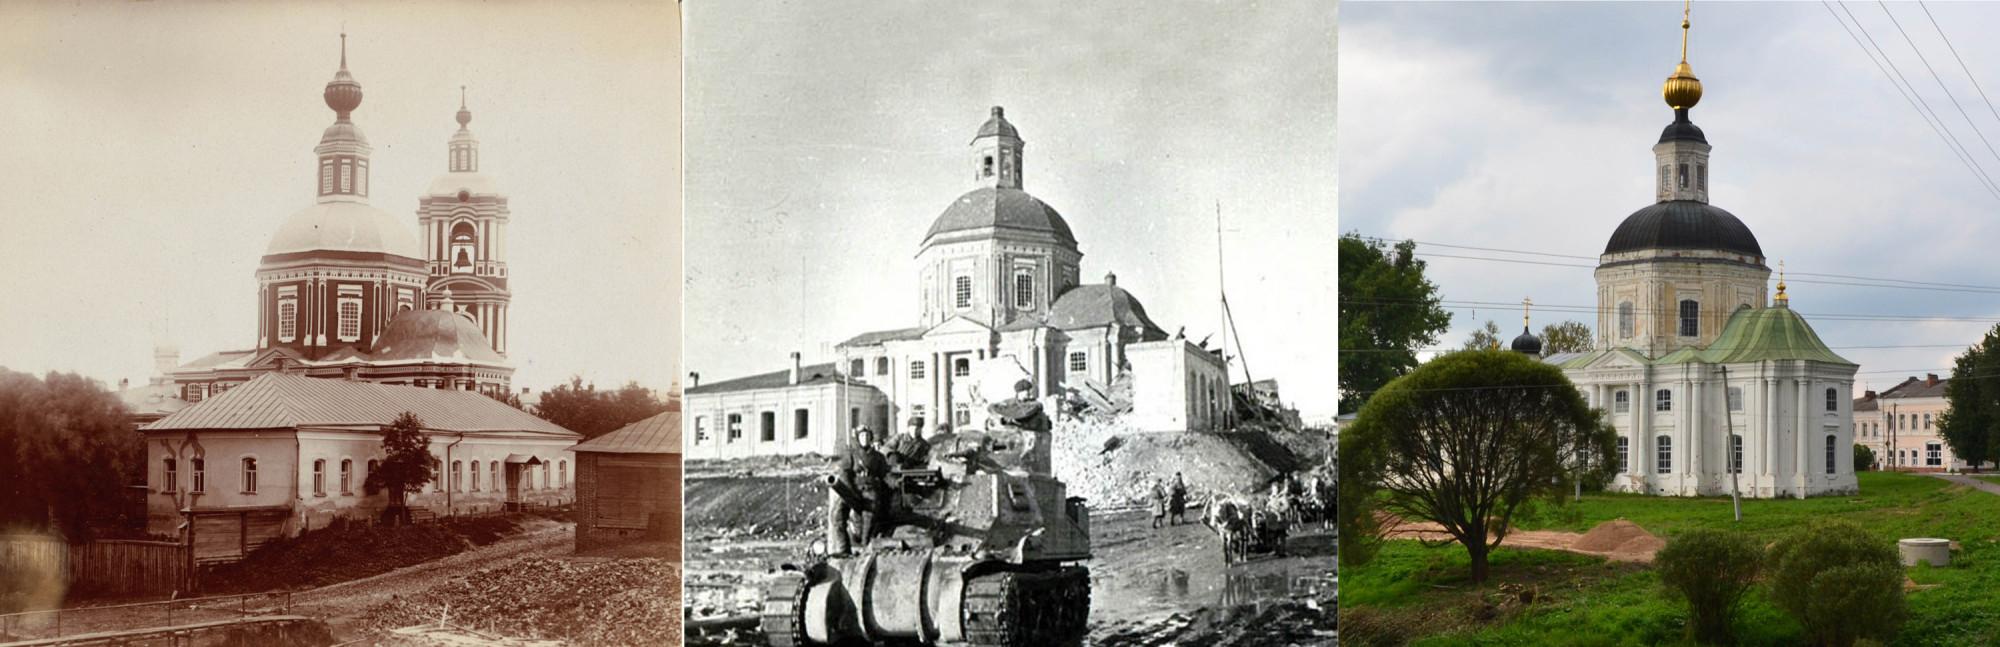 Вязьма 1912-1943-2012